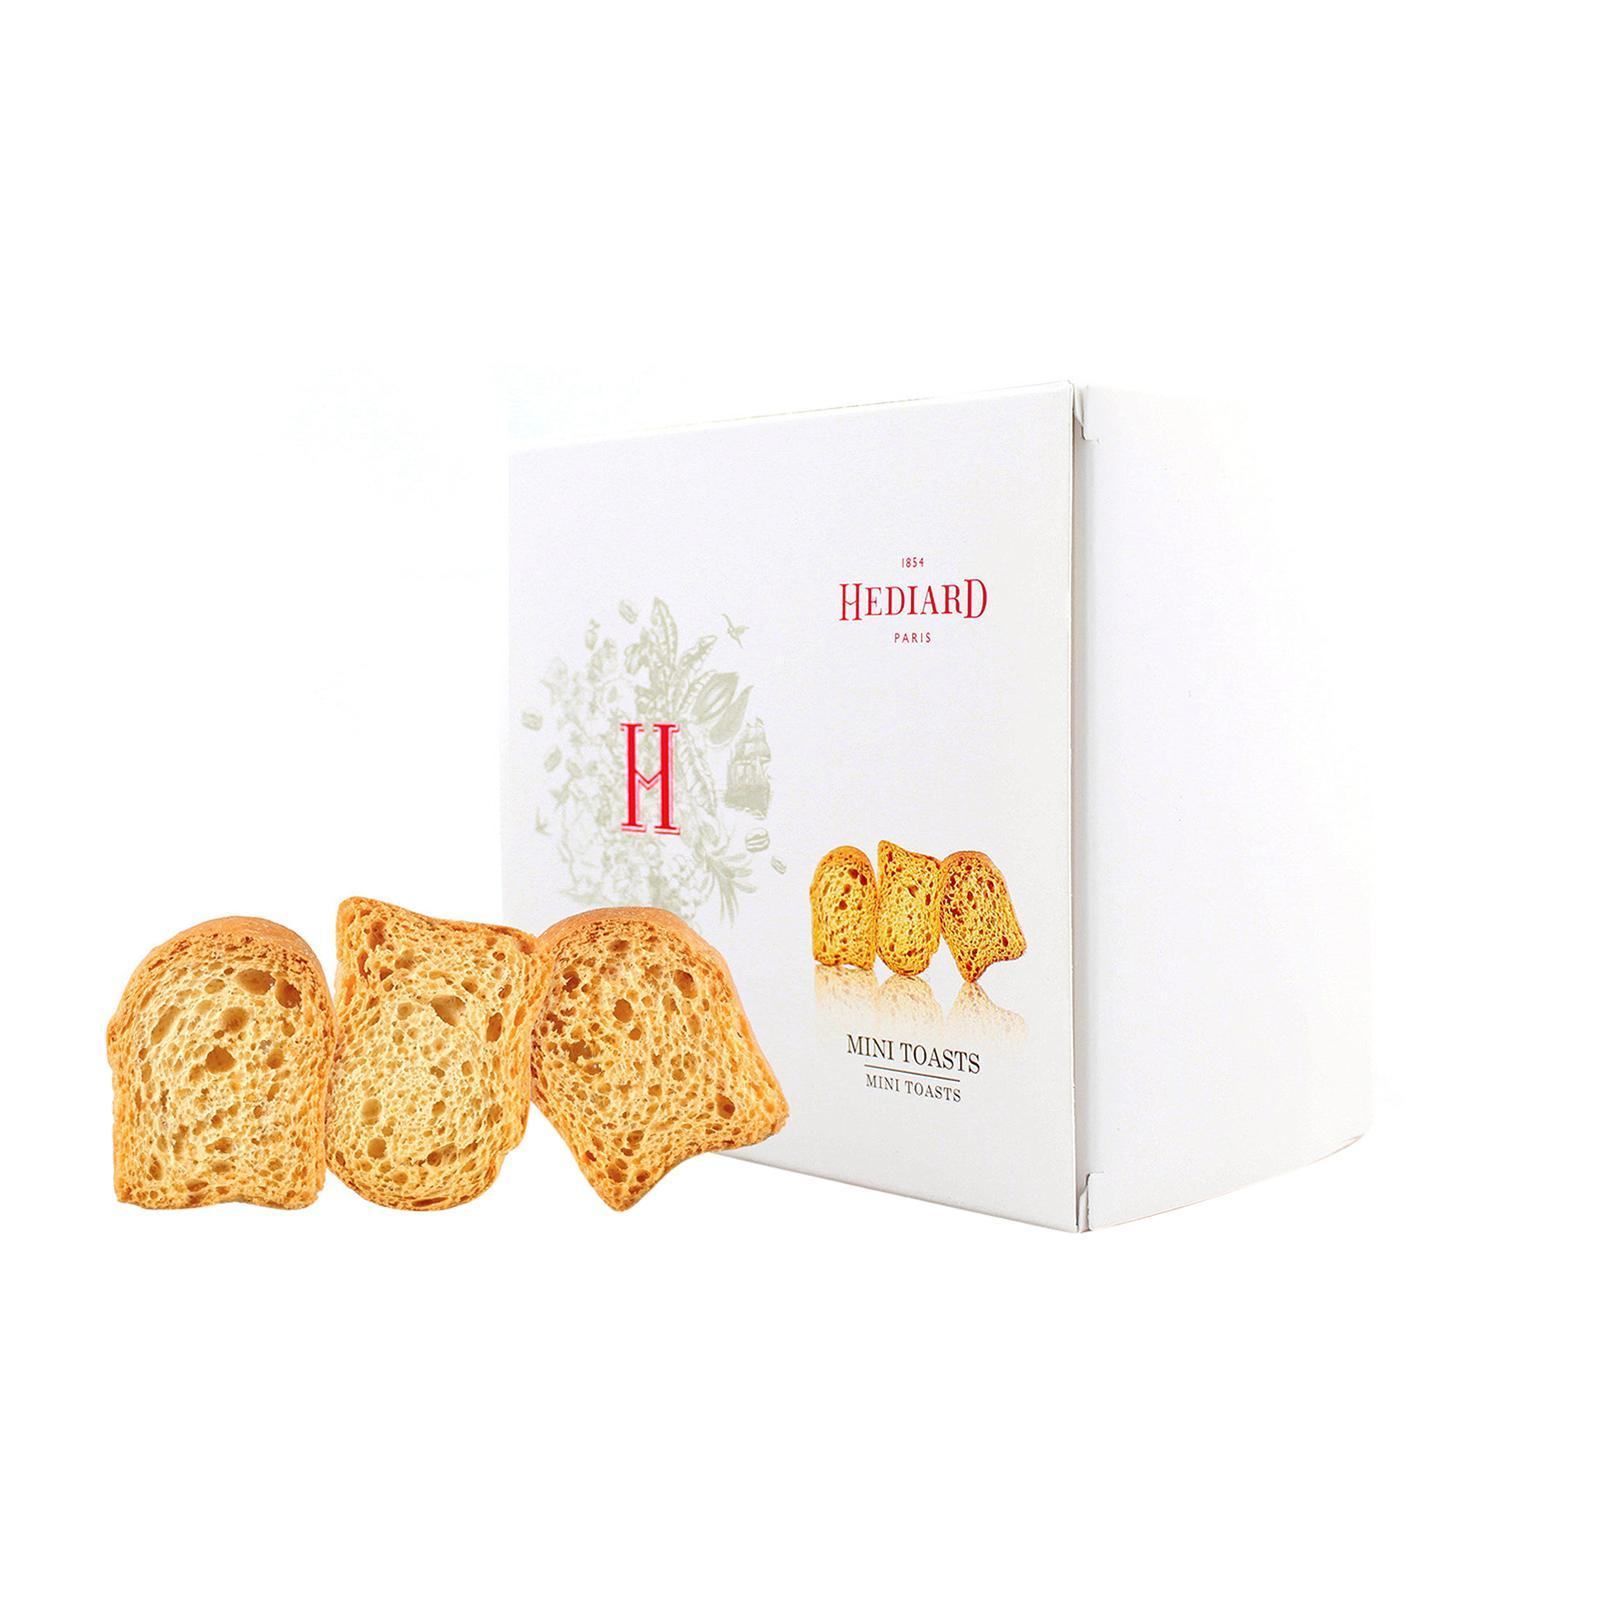 Hediard Mini Toasts - 90g By Redmart.